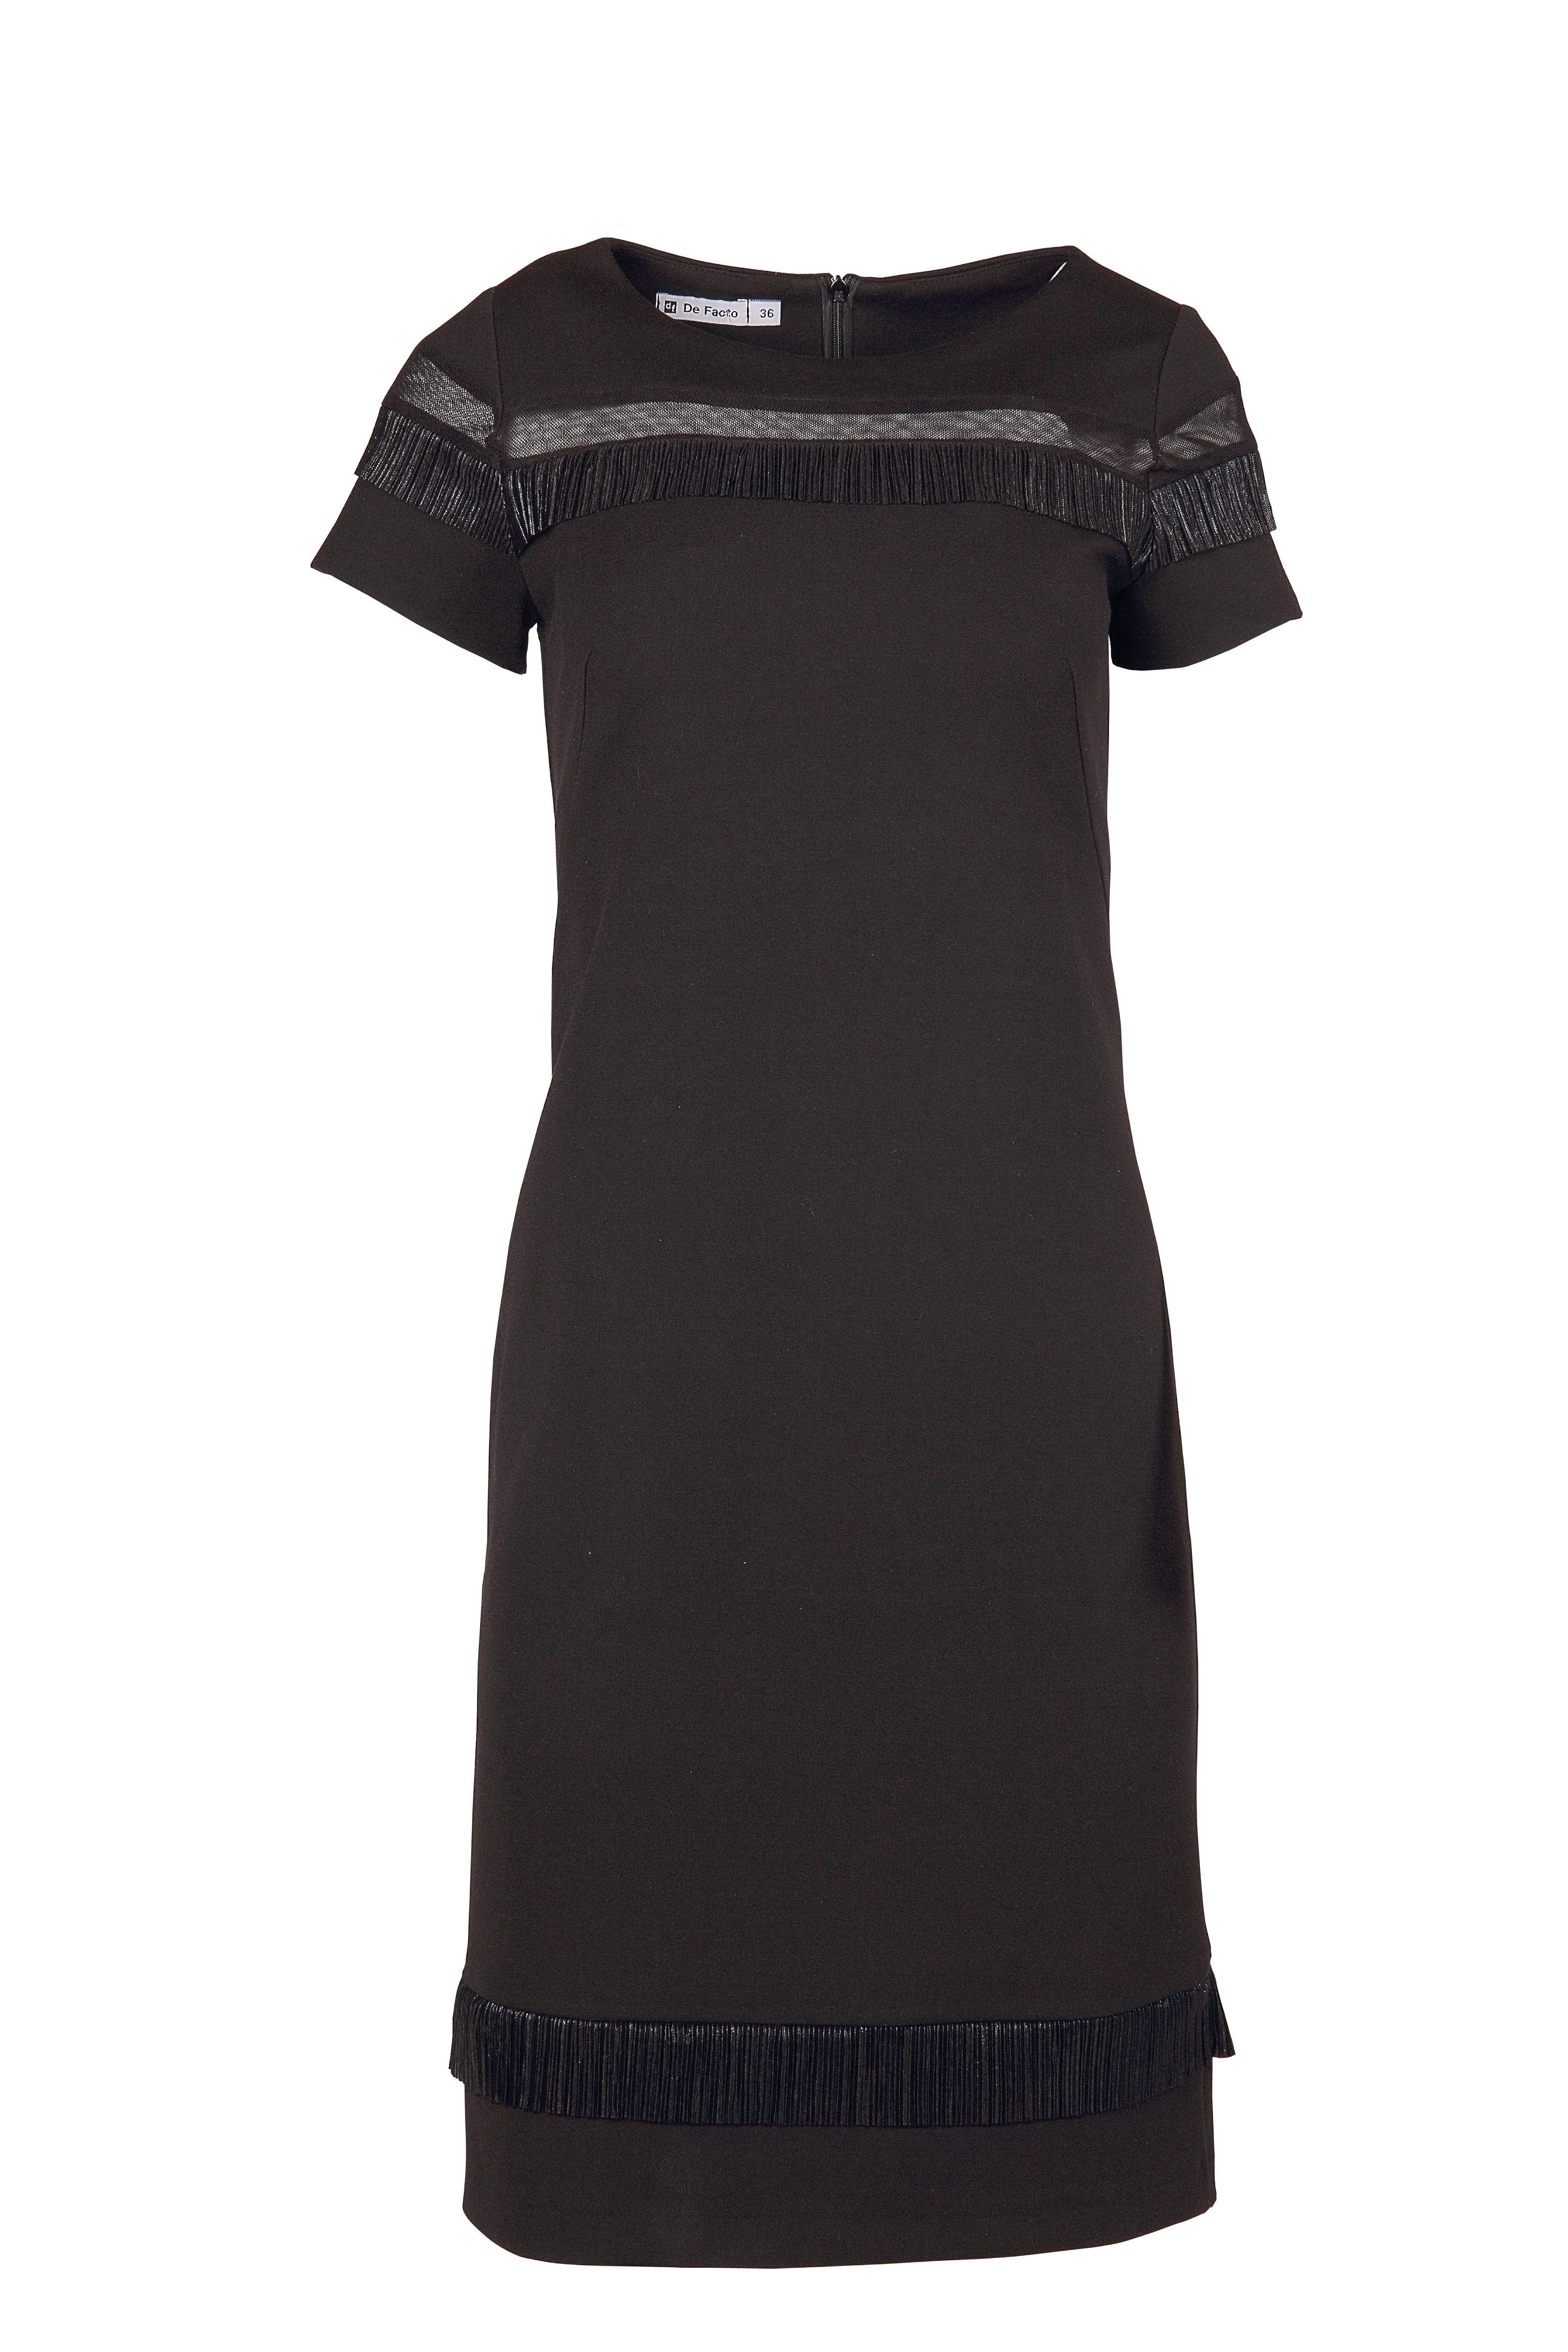 d17a4747c8 Czarna koktailowa sukienka w stylu boho